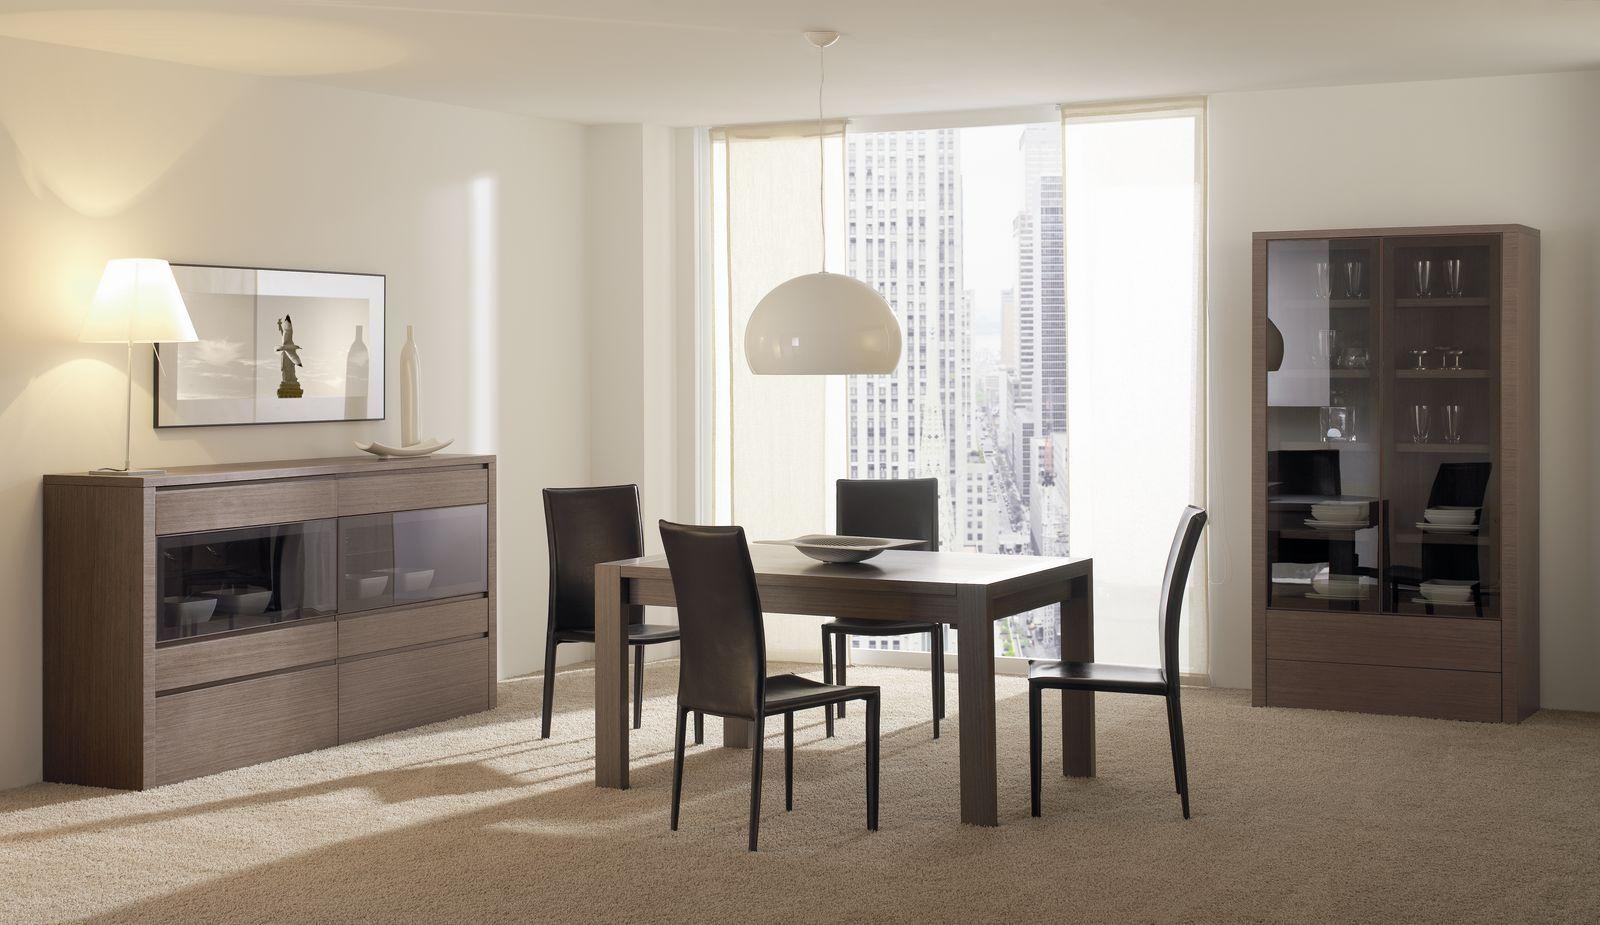 Muebles de comedor de diseno dise os arquitect nicos for Sillones salon diseno